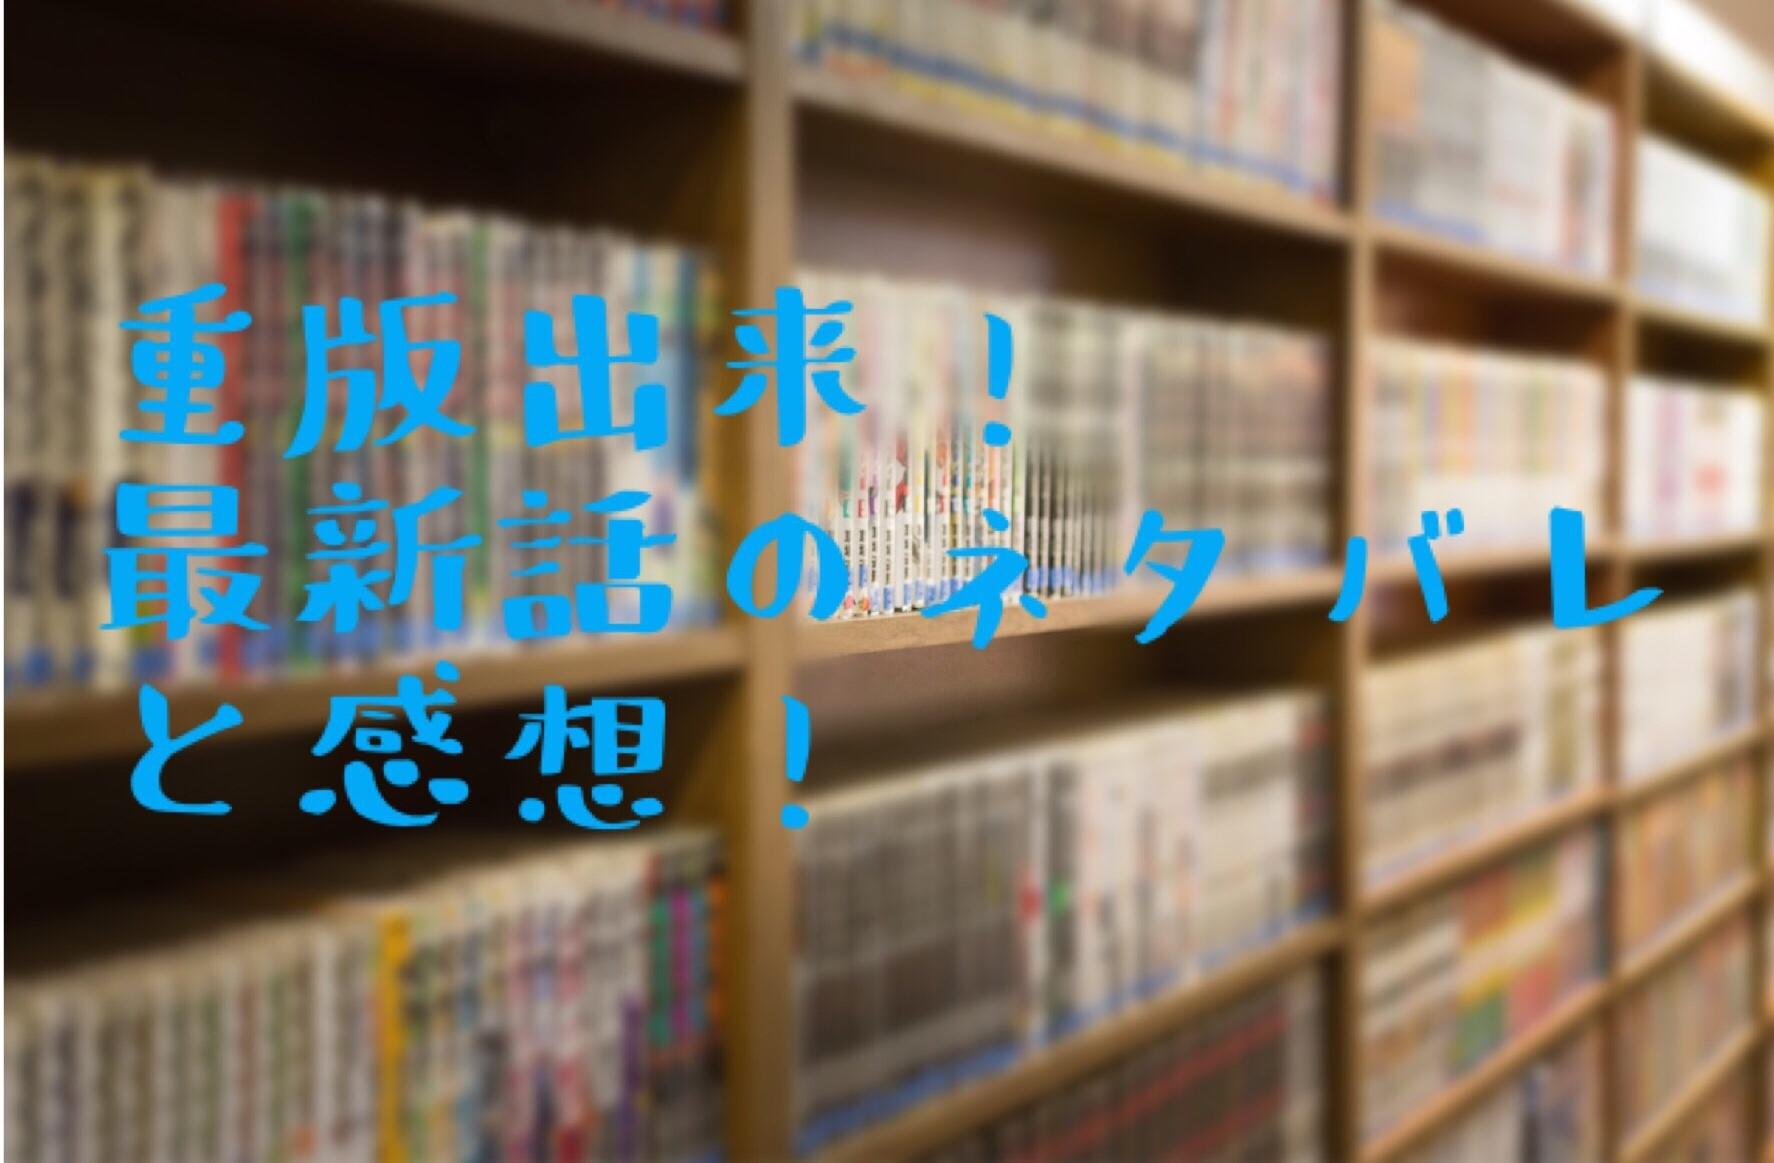 重版出来!【最新第81話】のネタバレと感想!